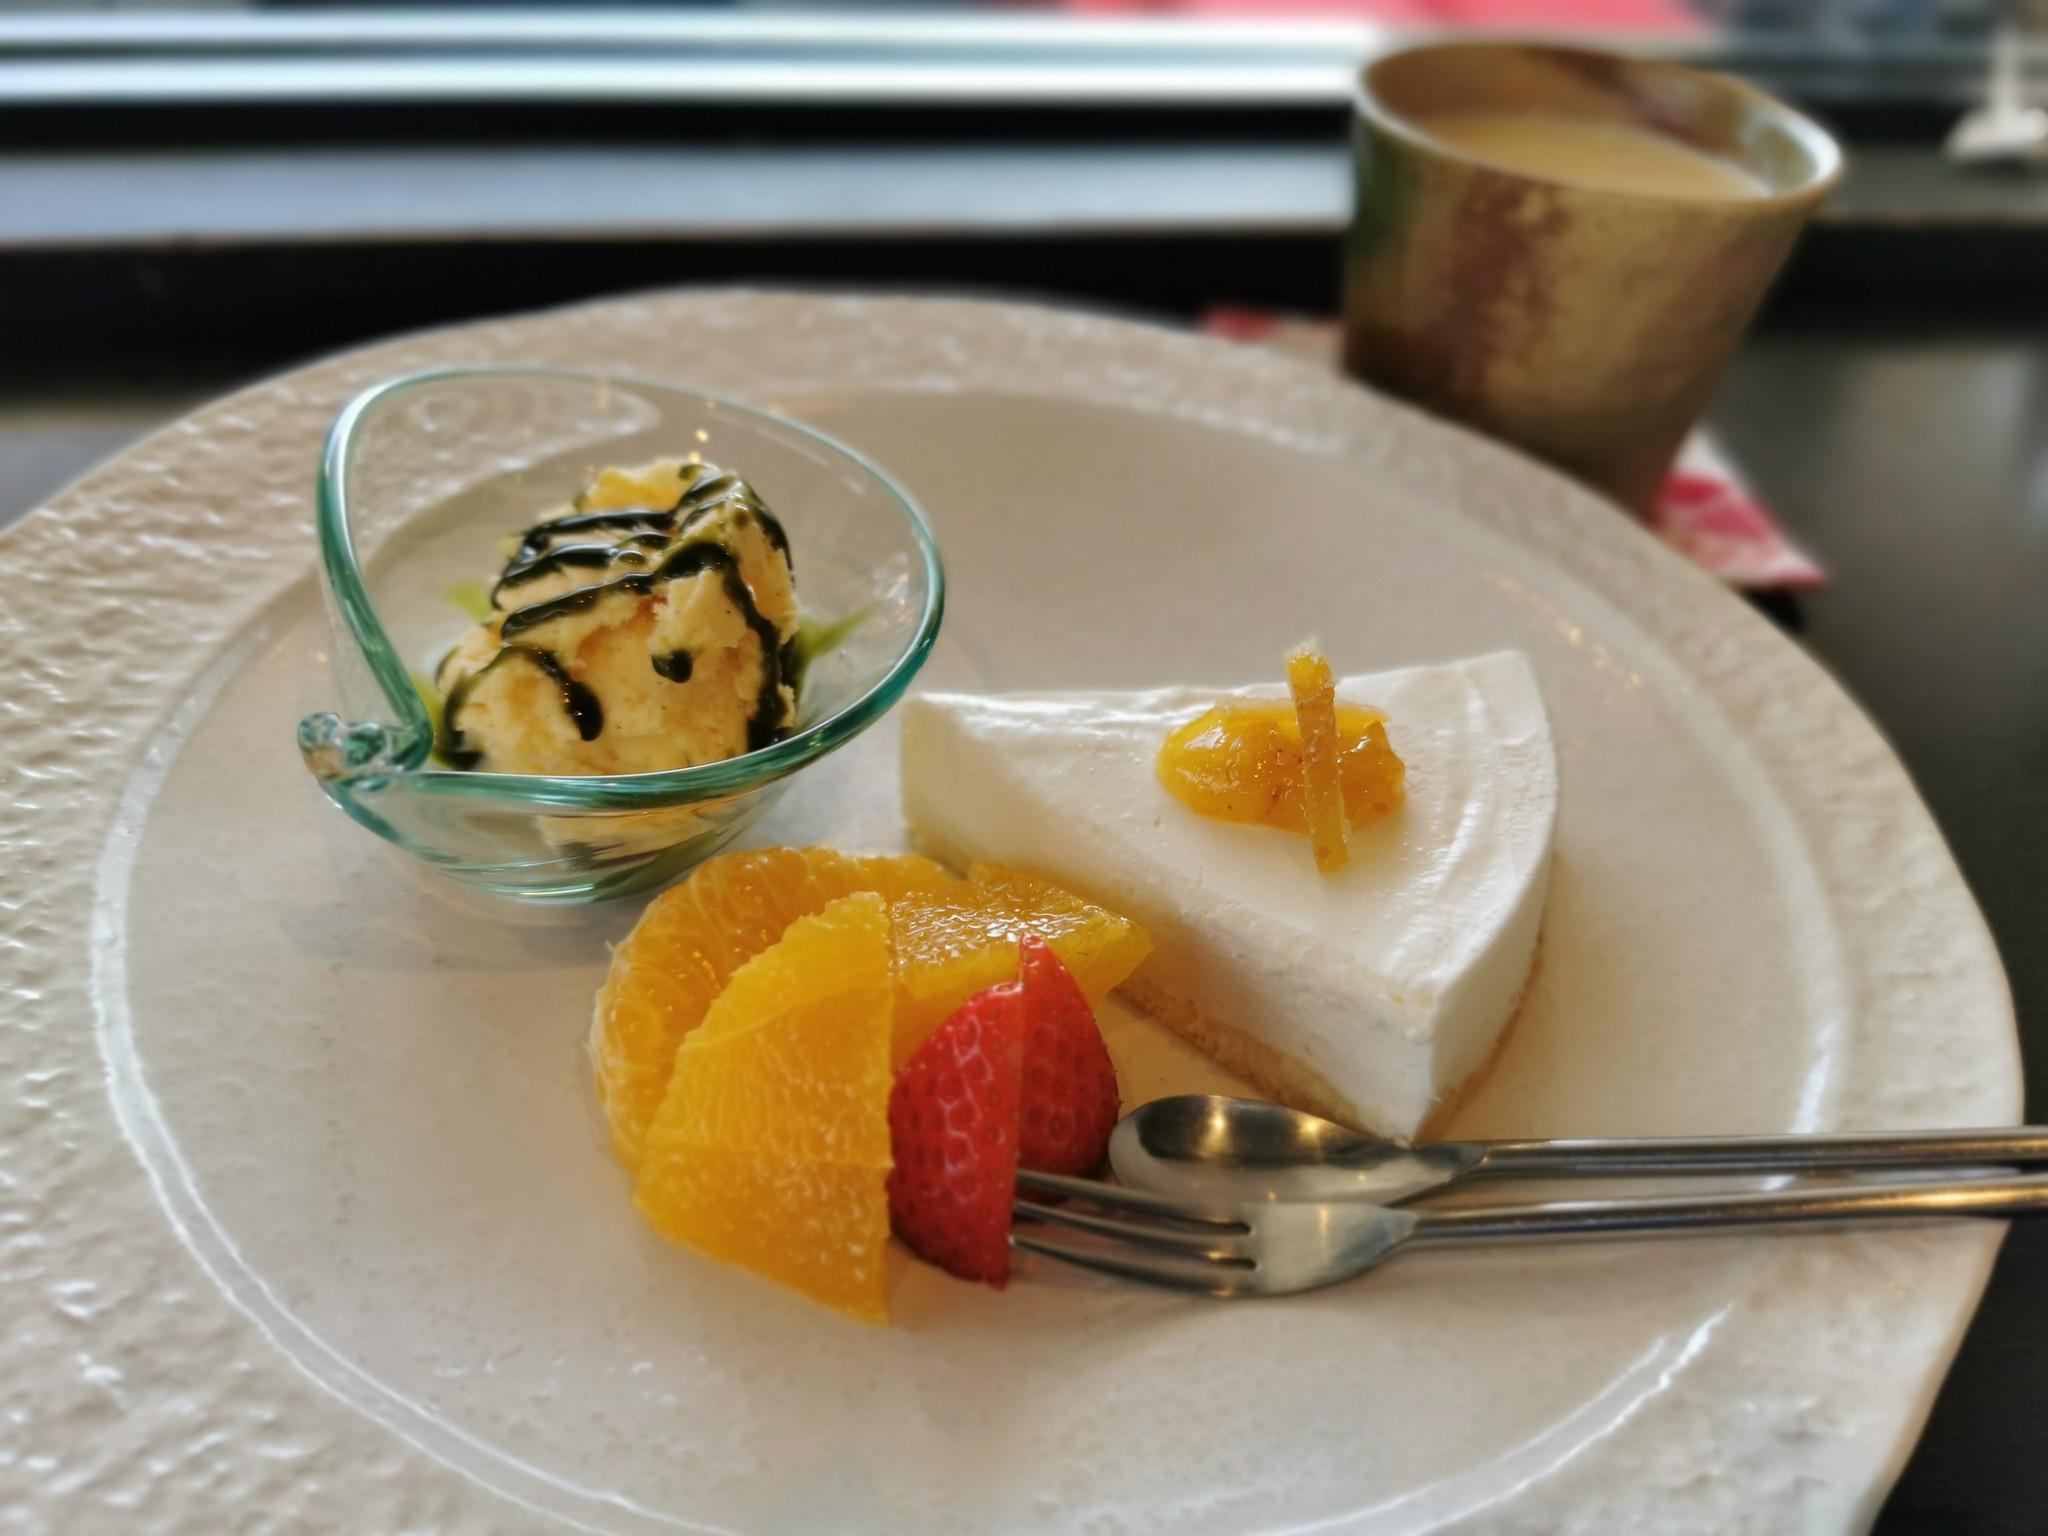 【熊野古道】茶房 靖@大斎原近くの喫茶店。ケーキセットには熊野番茶を使ったおばんチャイ。